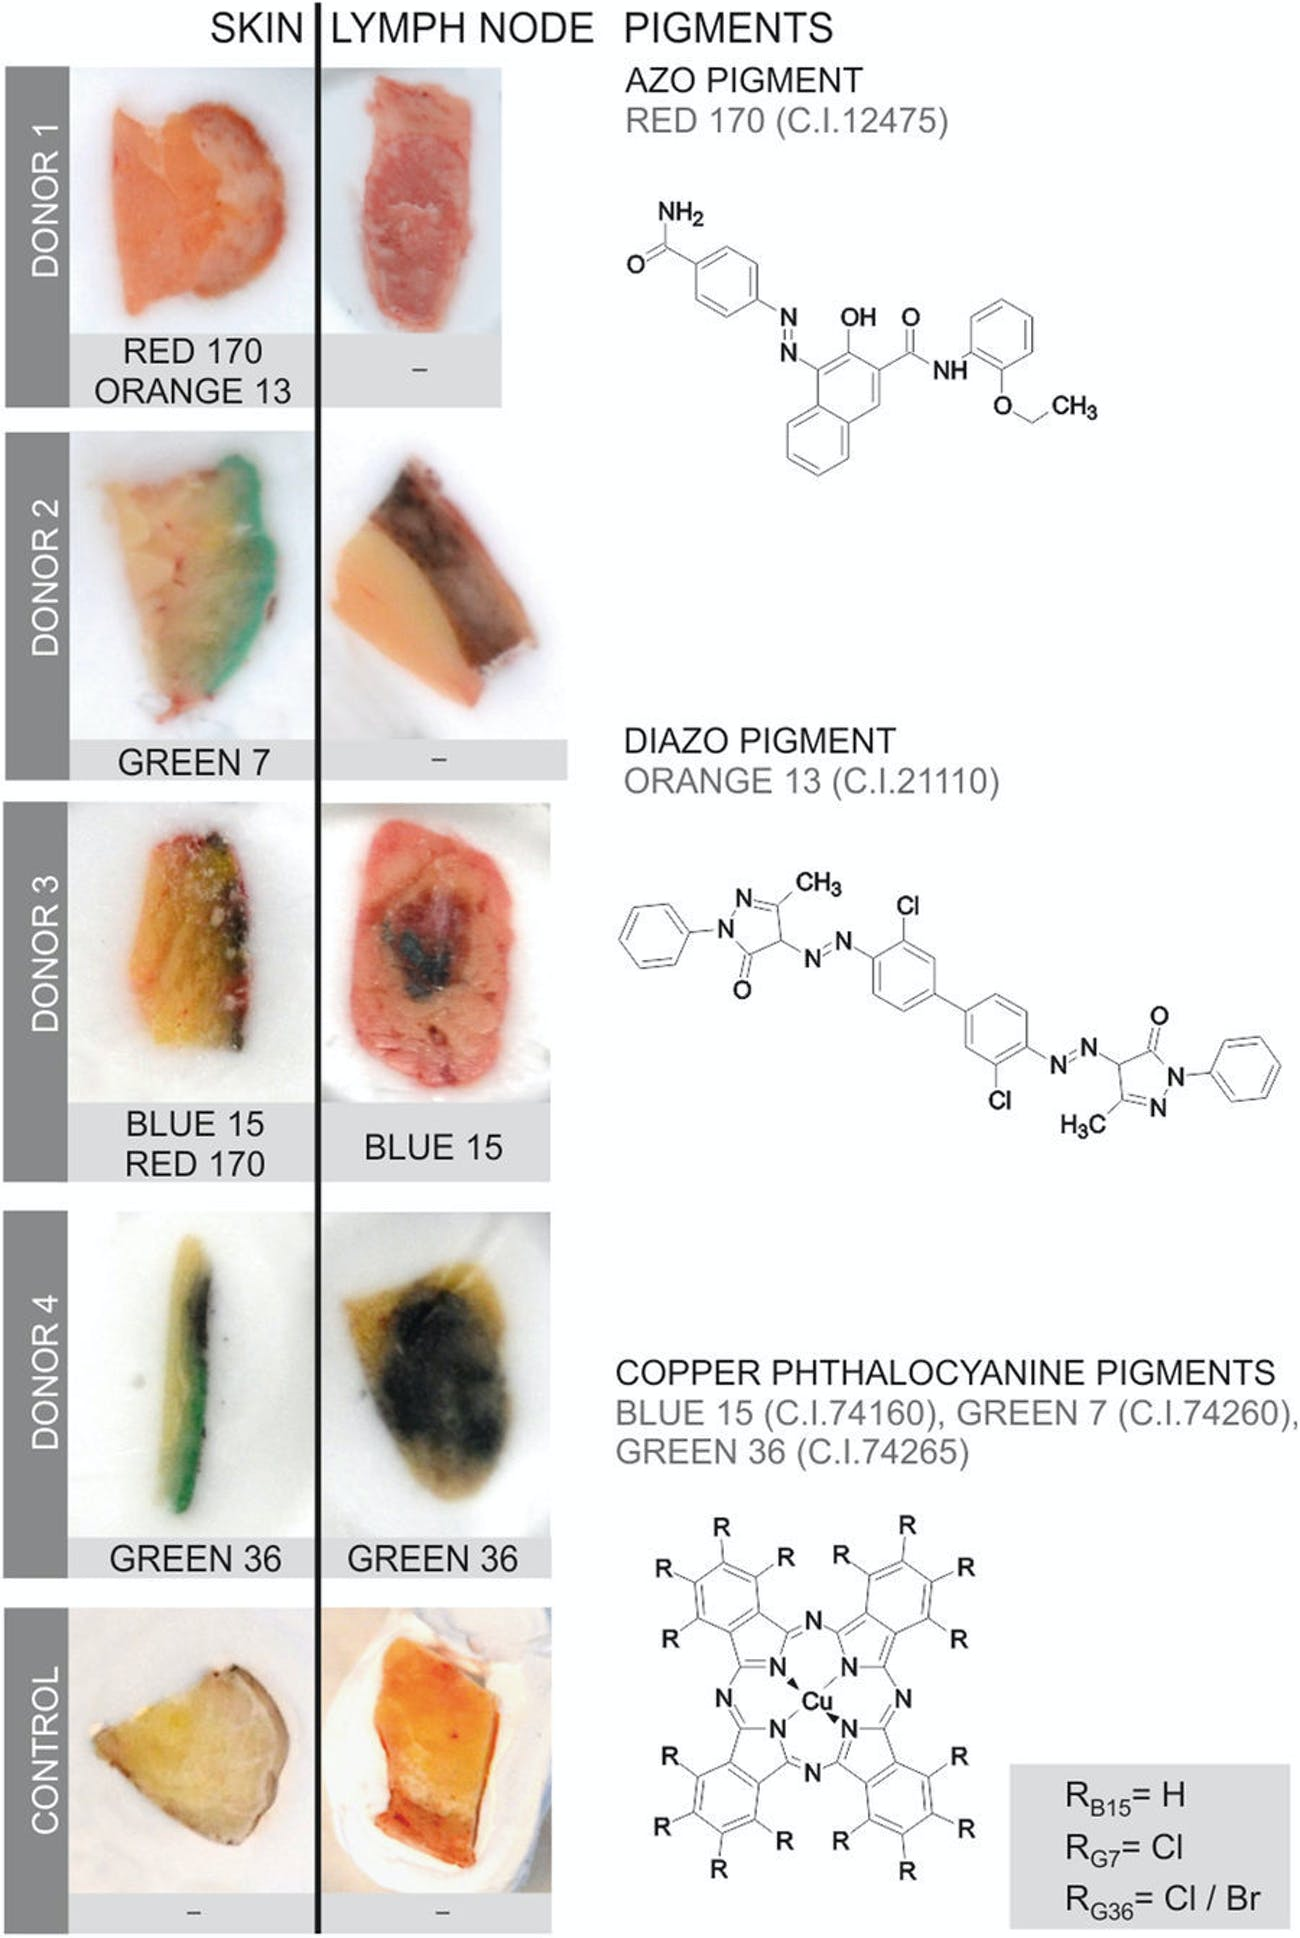 tattooed skin pigments